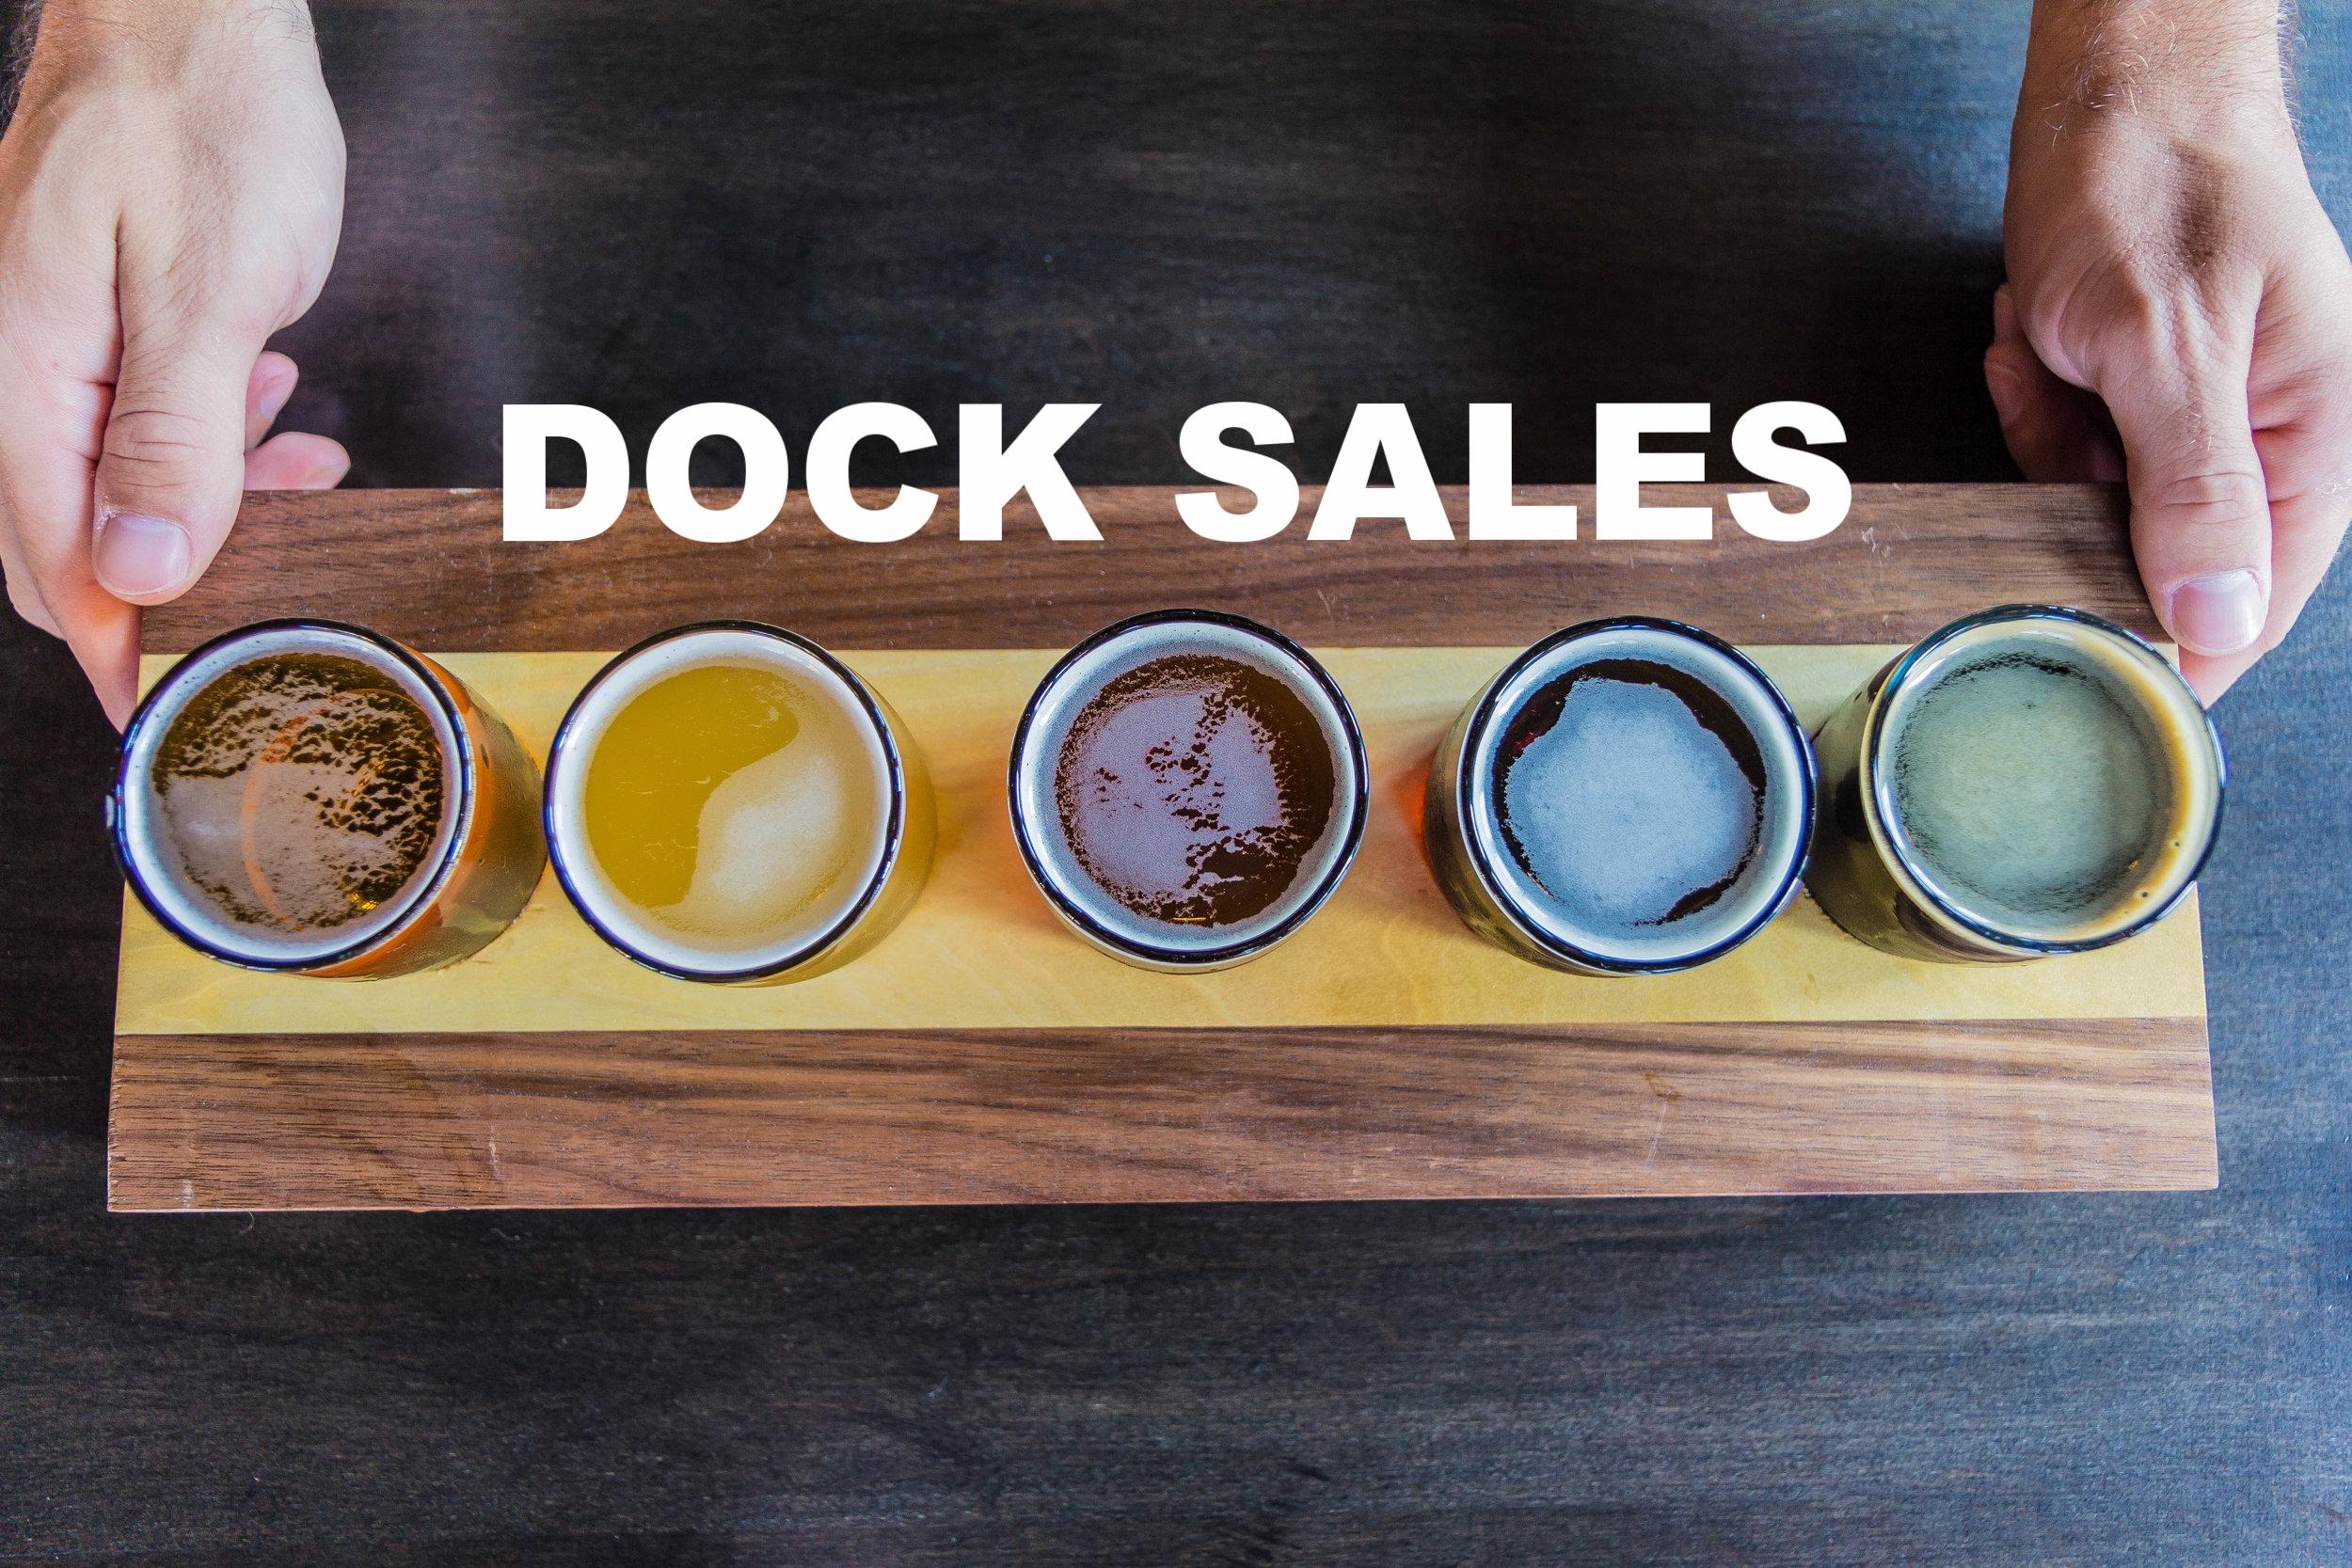 Dock Sales